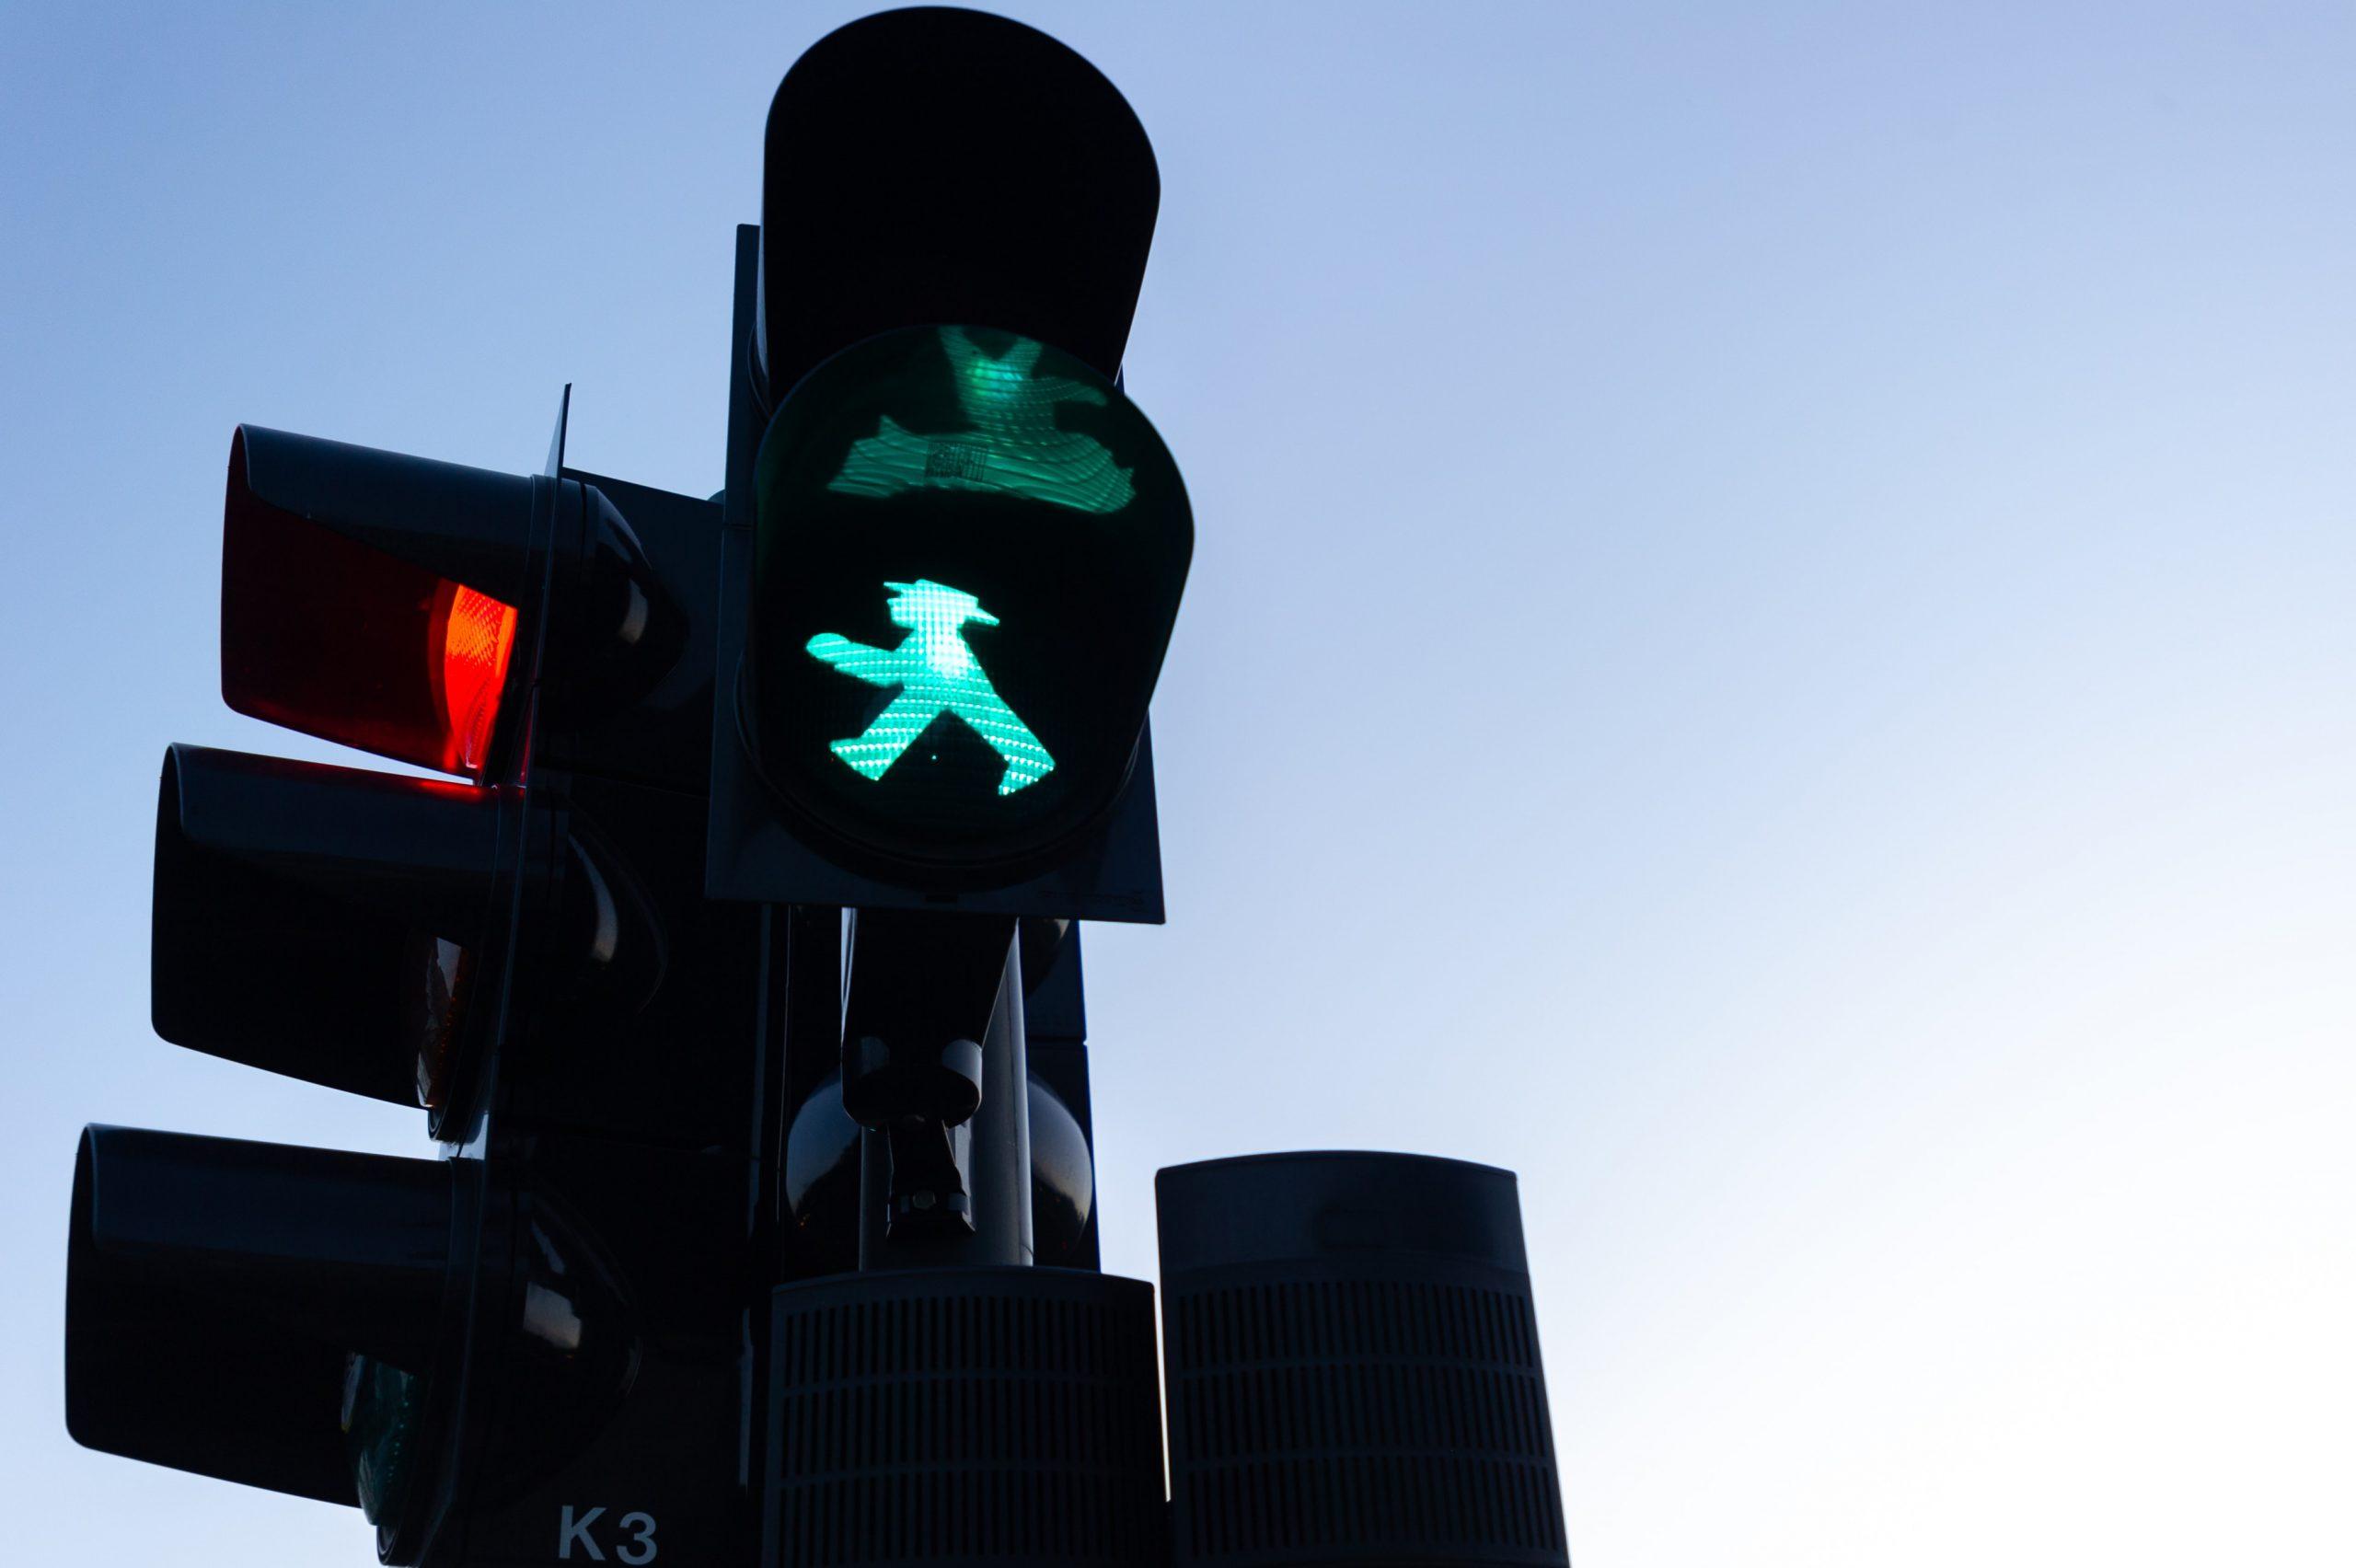 Netzwerktreffen zu Verkehrsproblemen_Bild einer Ampel